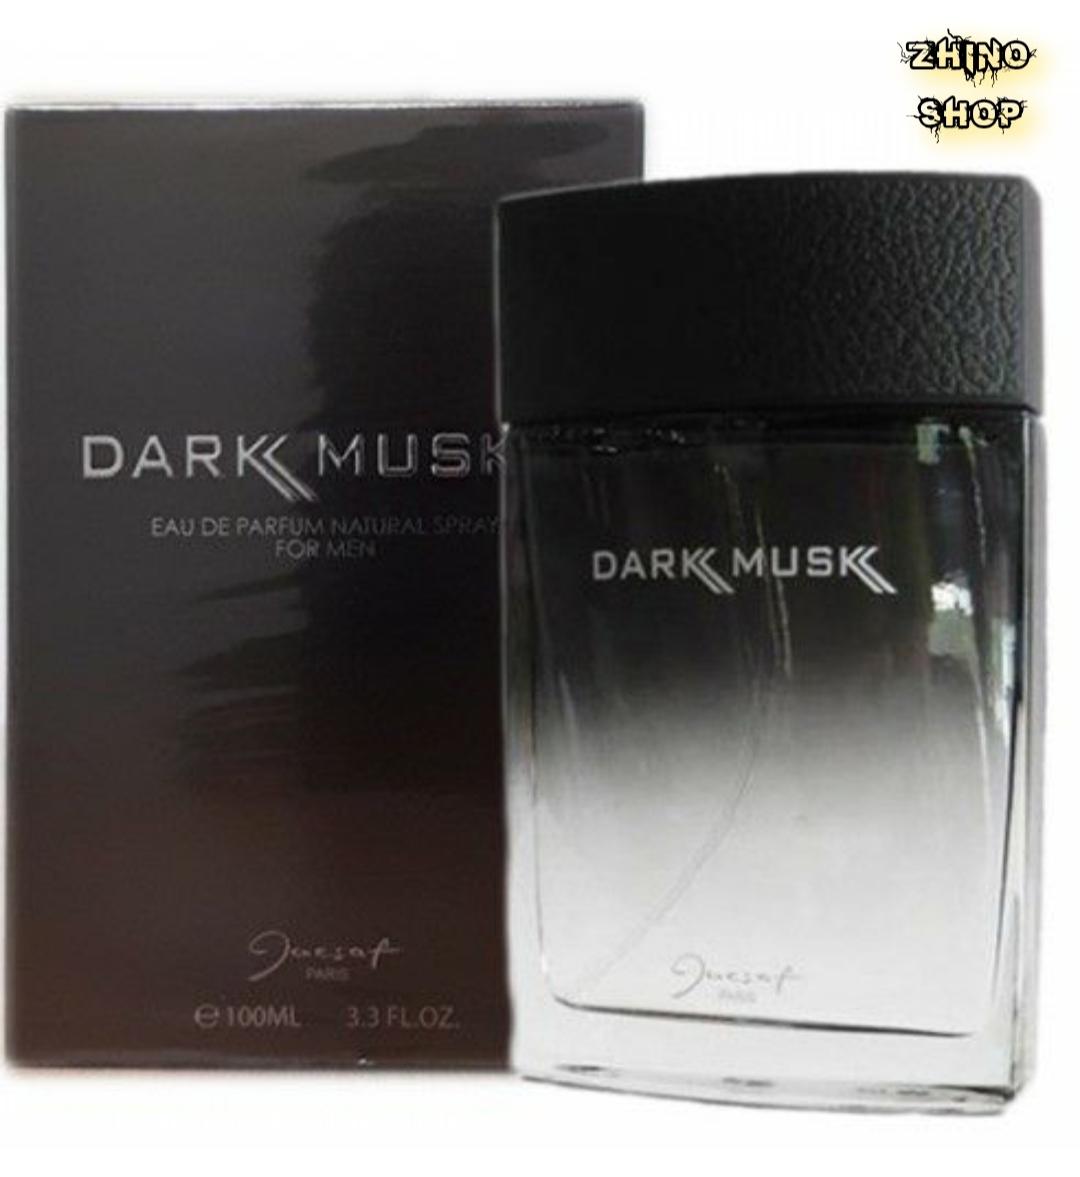 ادکلن ژک ساف دارک ماسک Jacsaf Dark Musk